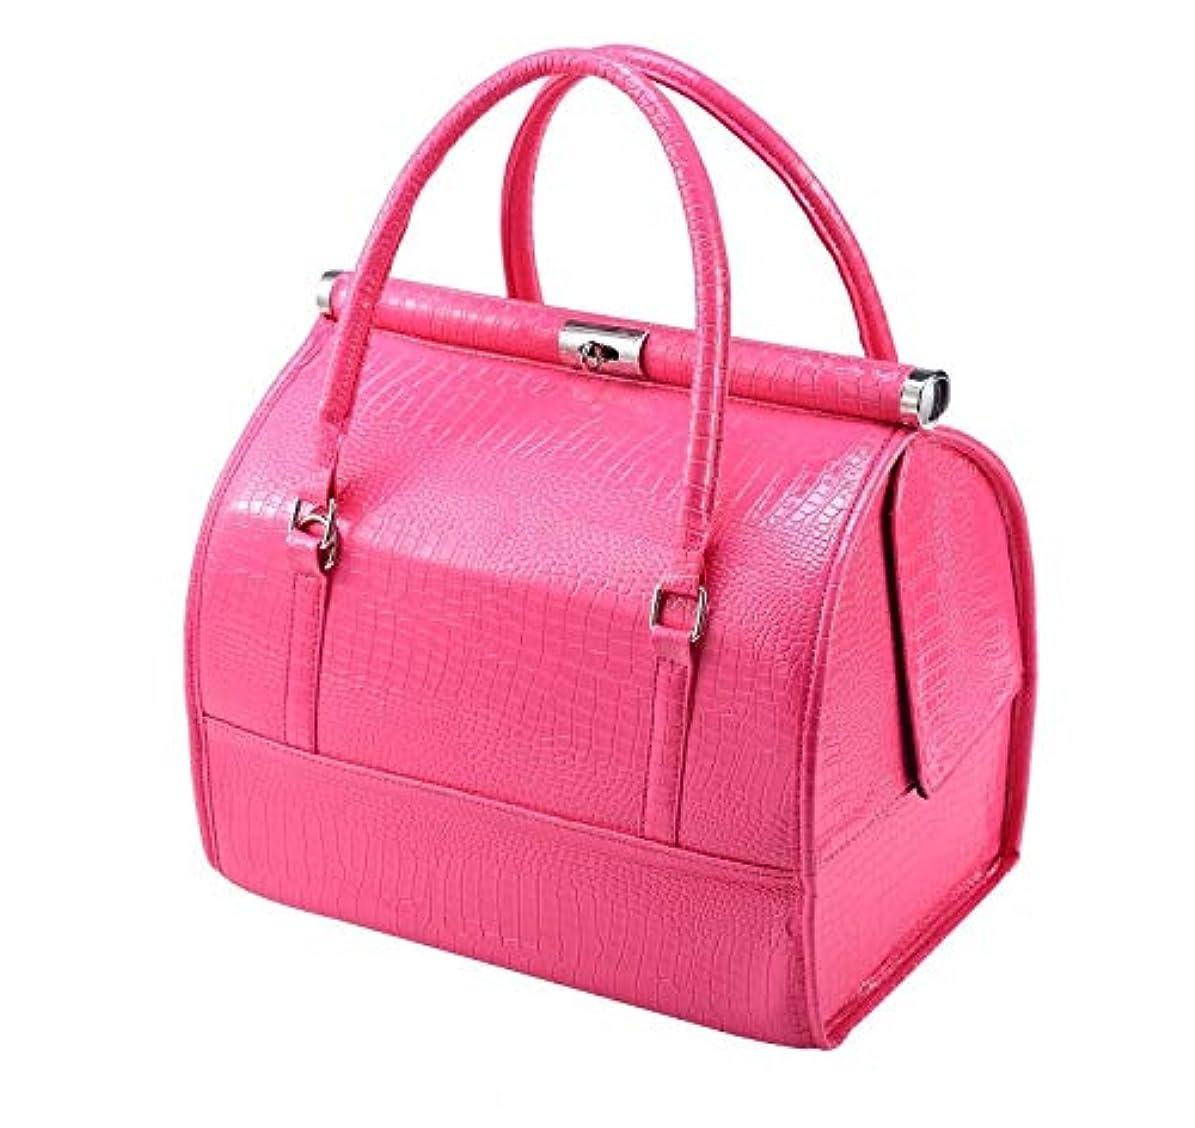 コウモリエンコミウムそっと化粧箱、大容量の対角および携帯用化粧品の箱、携帯用旅行化粧品袋、美の釘の宝石類の収納箱 (Color : ピンク)